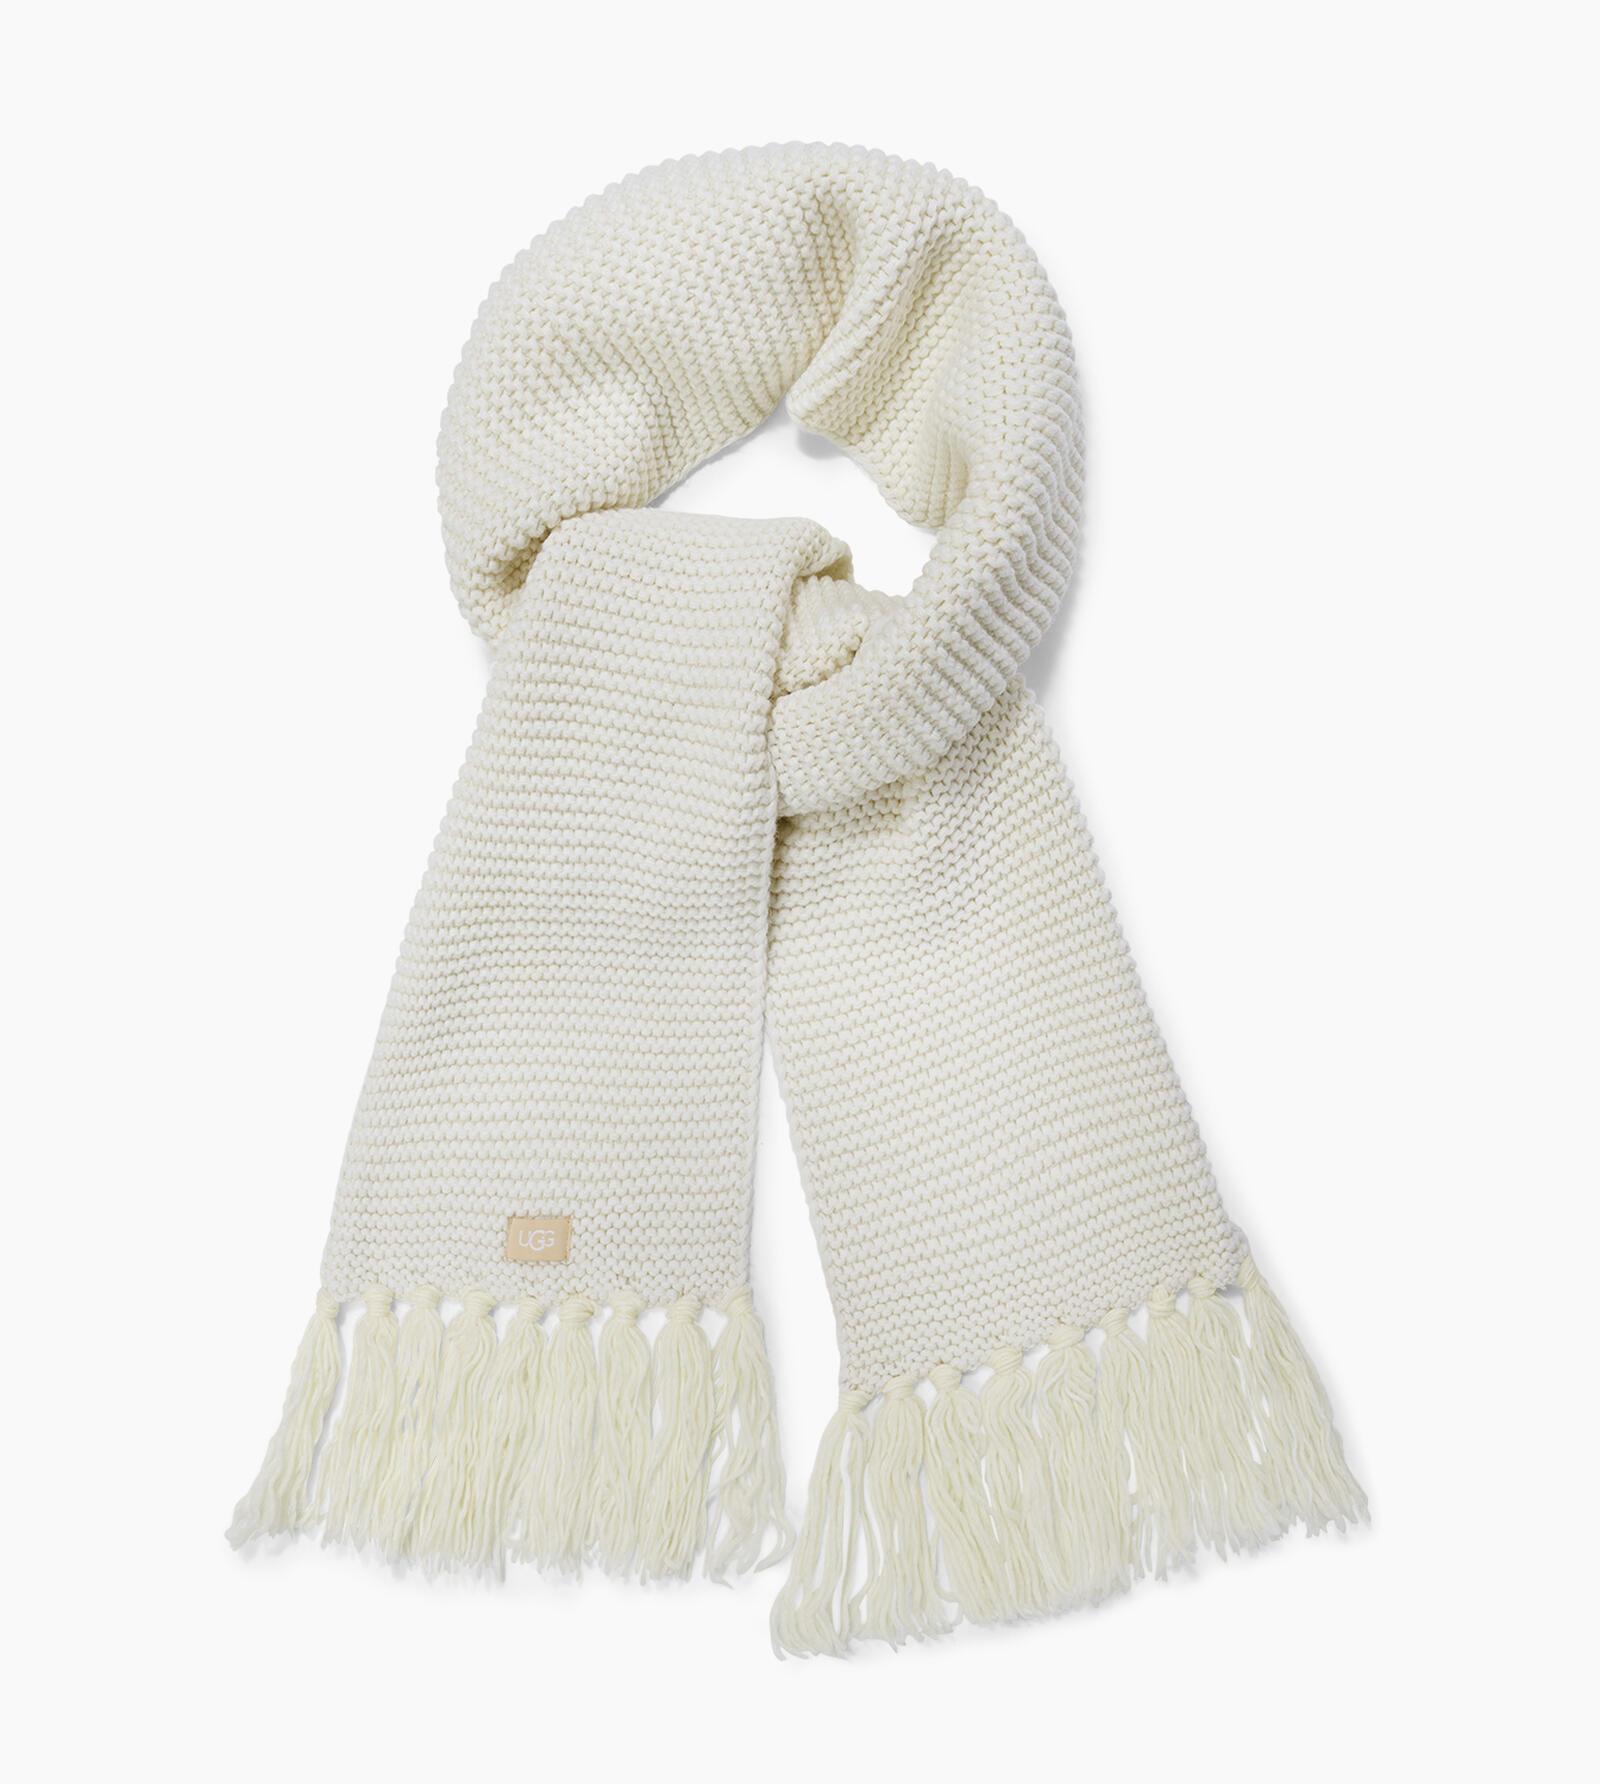 Knit Cuff Sets aus Mütze und Schal